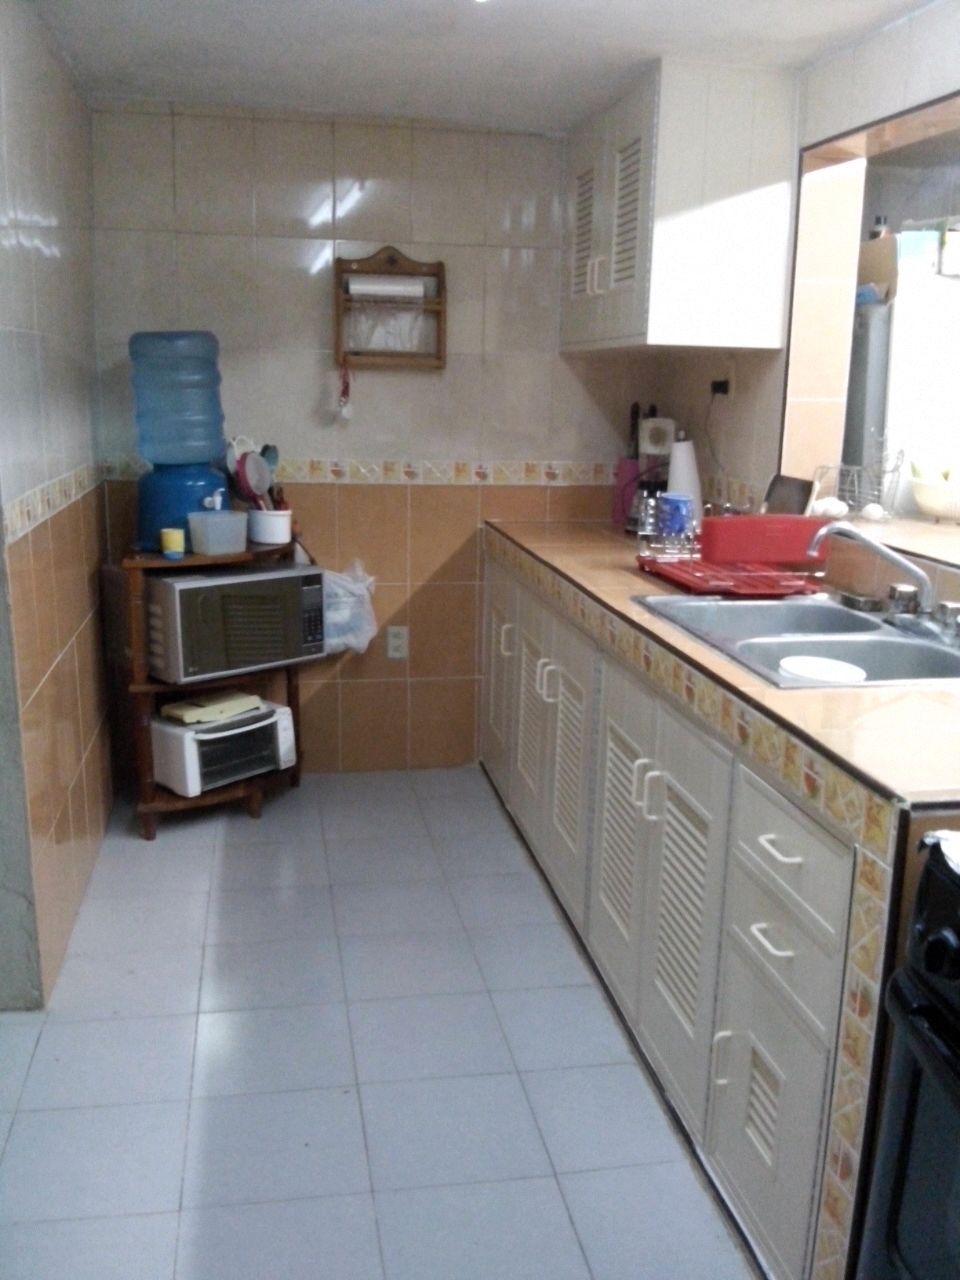 Gabinetes Para Baño En Pvc:Cortinas Puertas Cocinas PVC Electrodomésticos Fregaderos Cubiertas